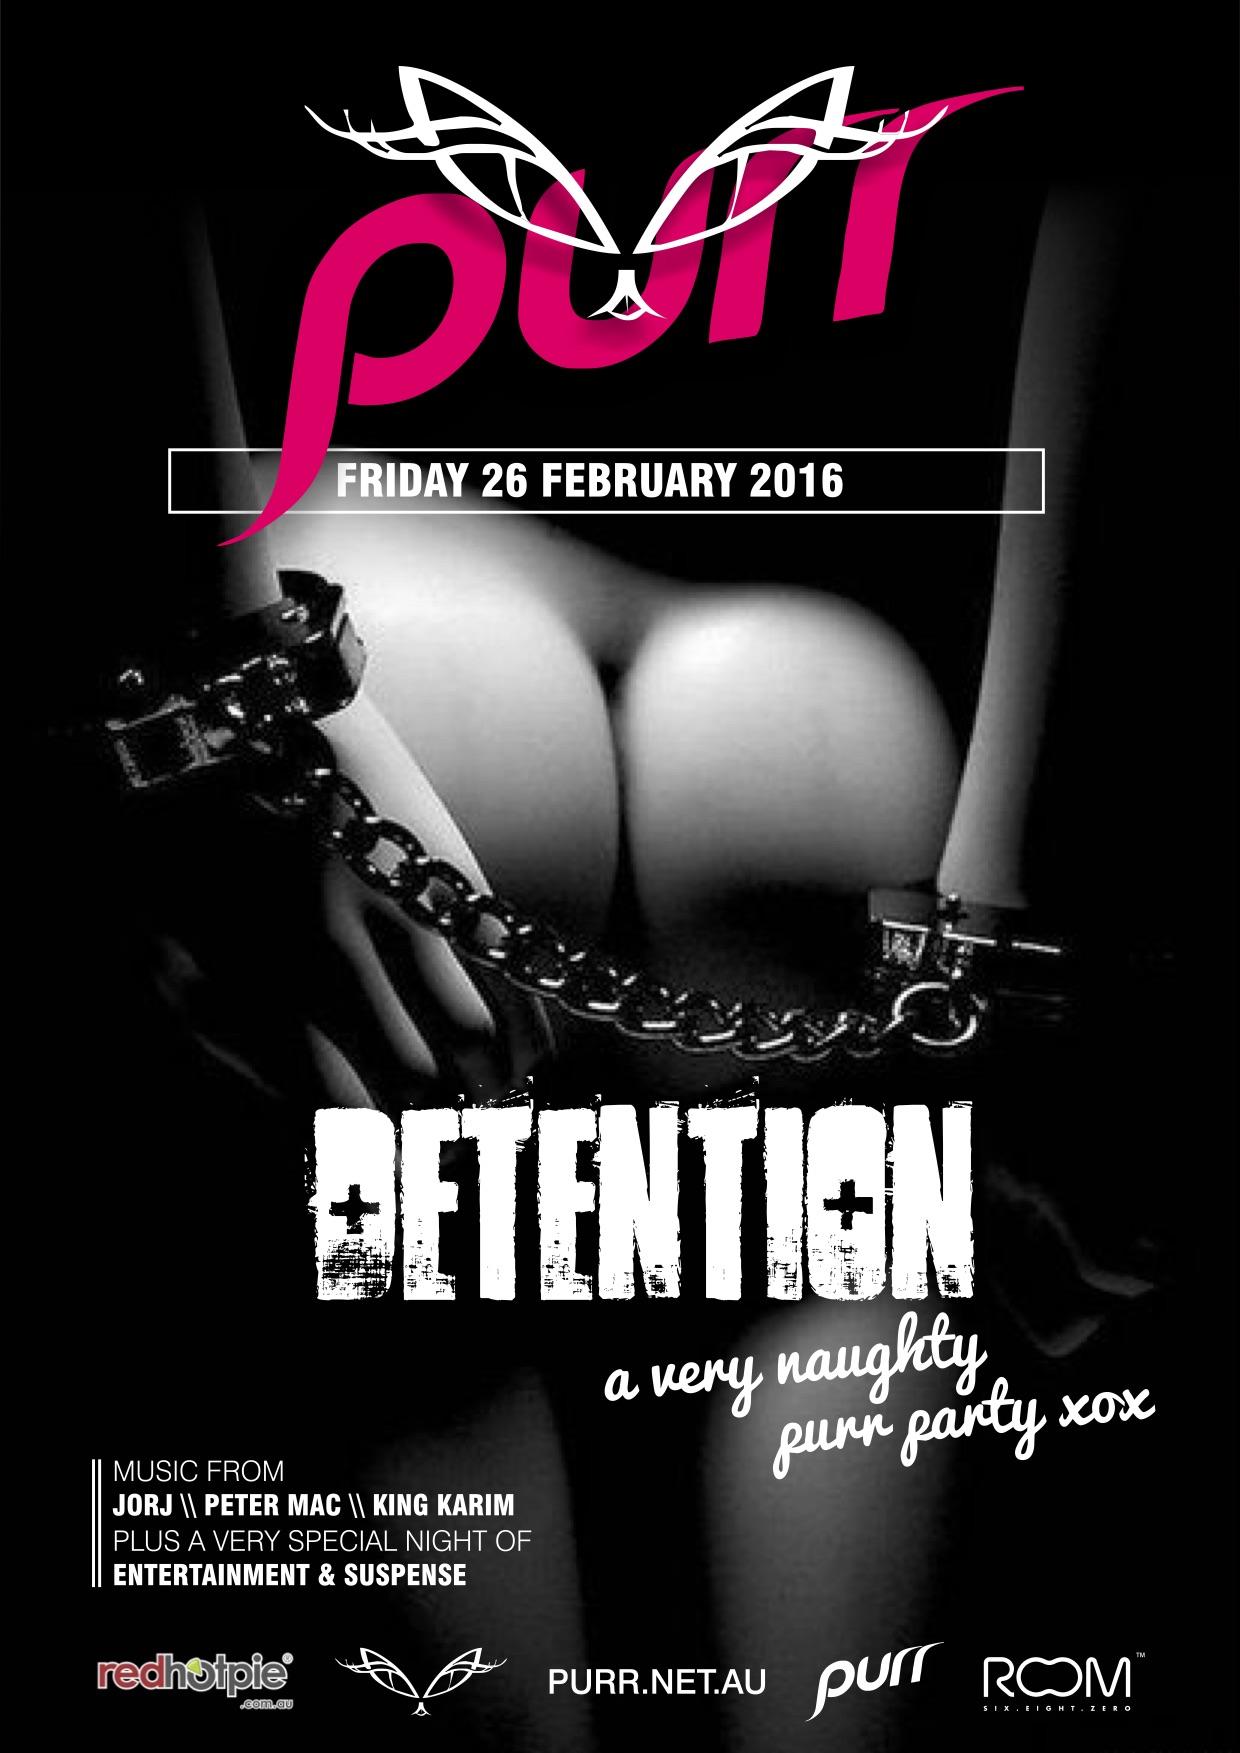 Detention Purr pg8